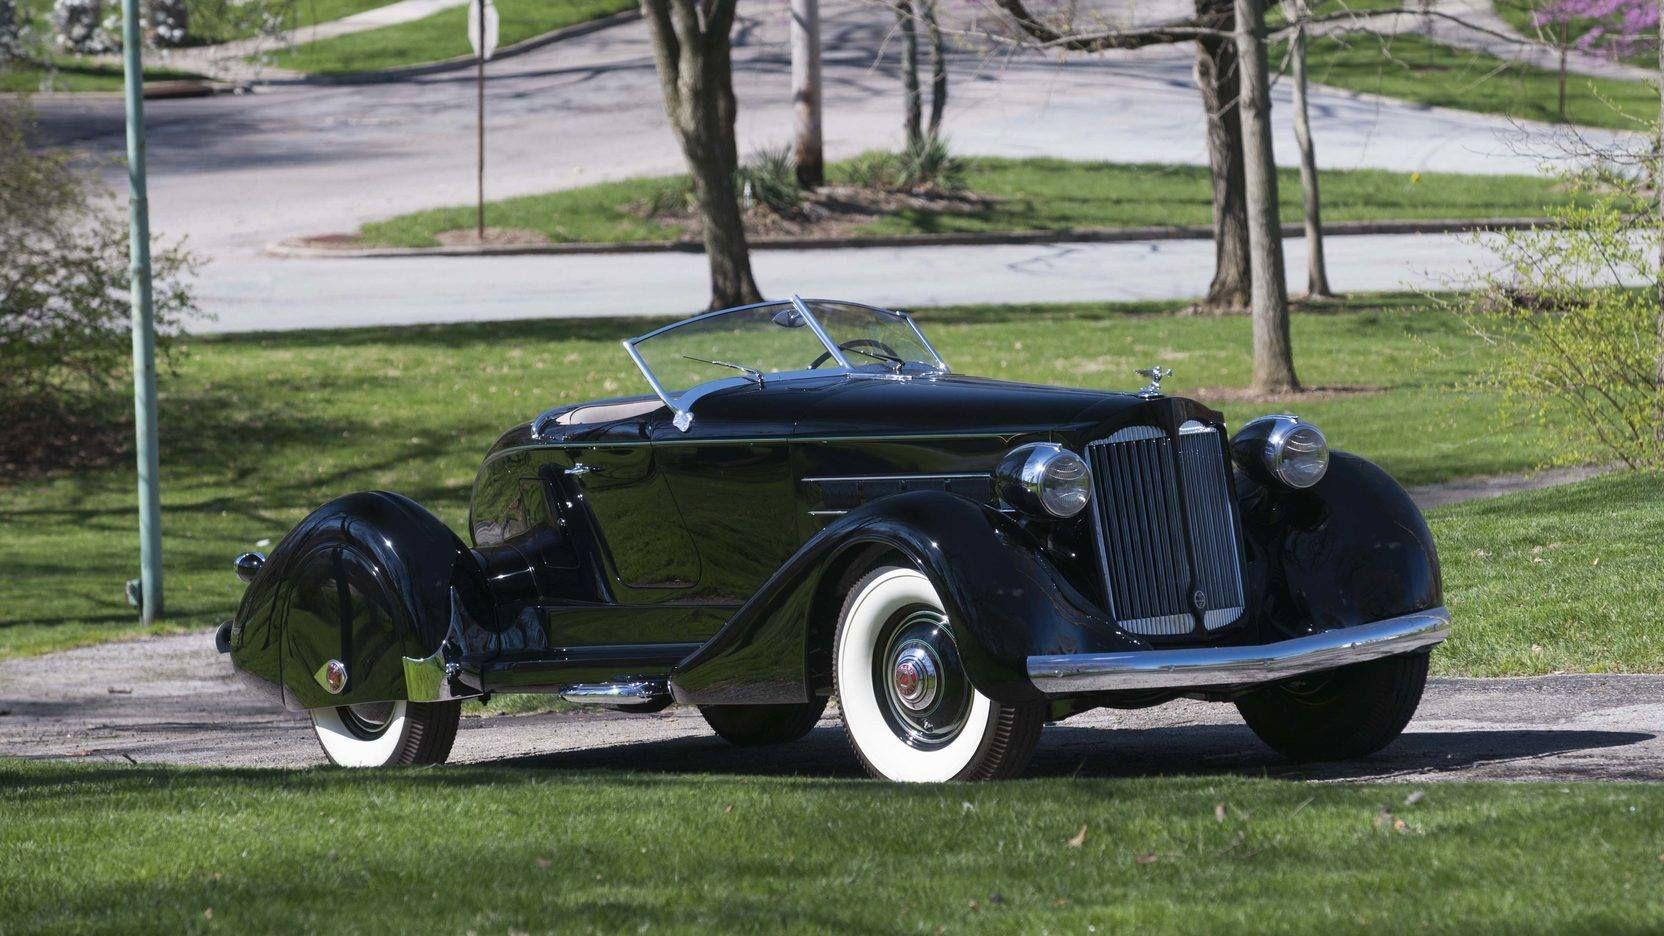 1936 Packard Twelve Speedster. Classic cars vintage